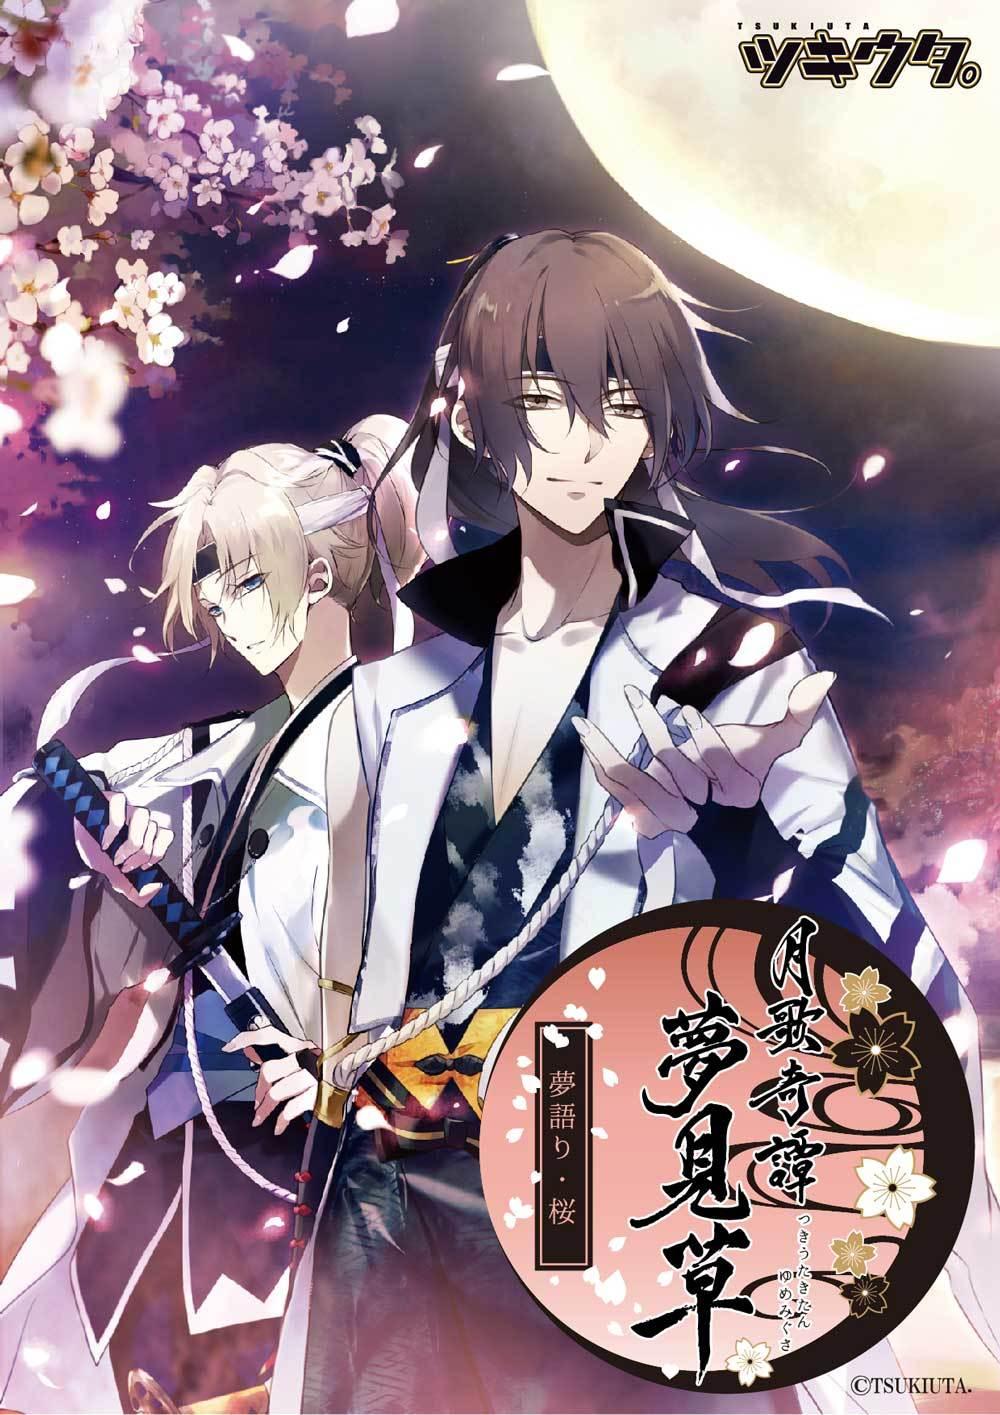 「ツキウタ。」ドラマ CD シリーズ『月歌奇譚 夢見草』 第 1 巻-夢語り・桜-